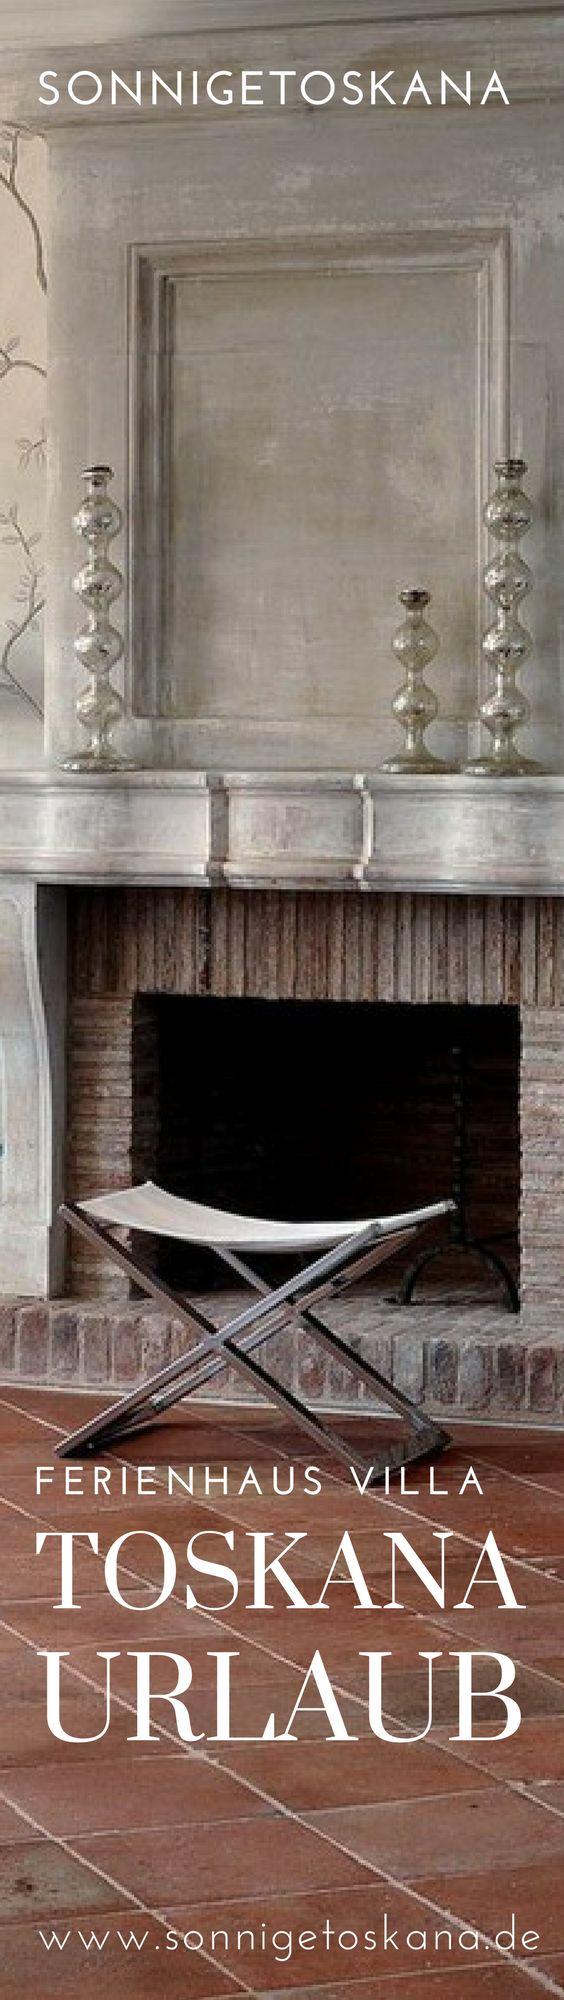 Ferienwohnung oder ein Ferienhaus günstig von privat für Ihren Urlaub in Italien #ferienhaus #sonnigetoskana #urlaub #reisen #italien #ferienvilla #toskanavilla #tuscanvilla #pool #mieten #vermietung #familienurlaub #miete